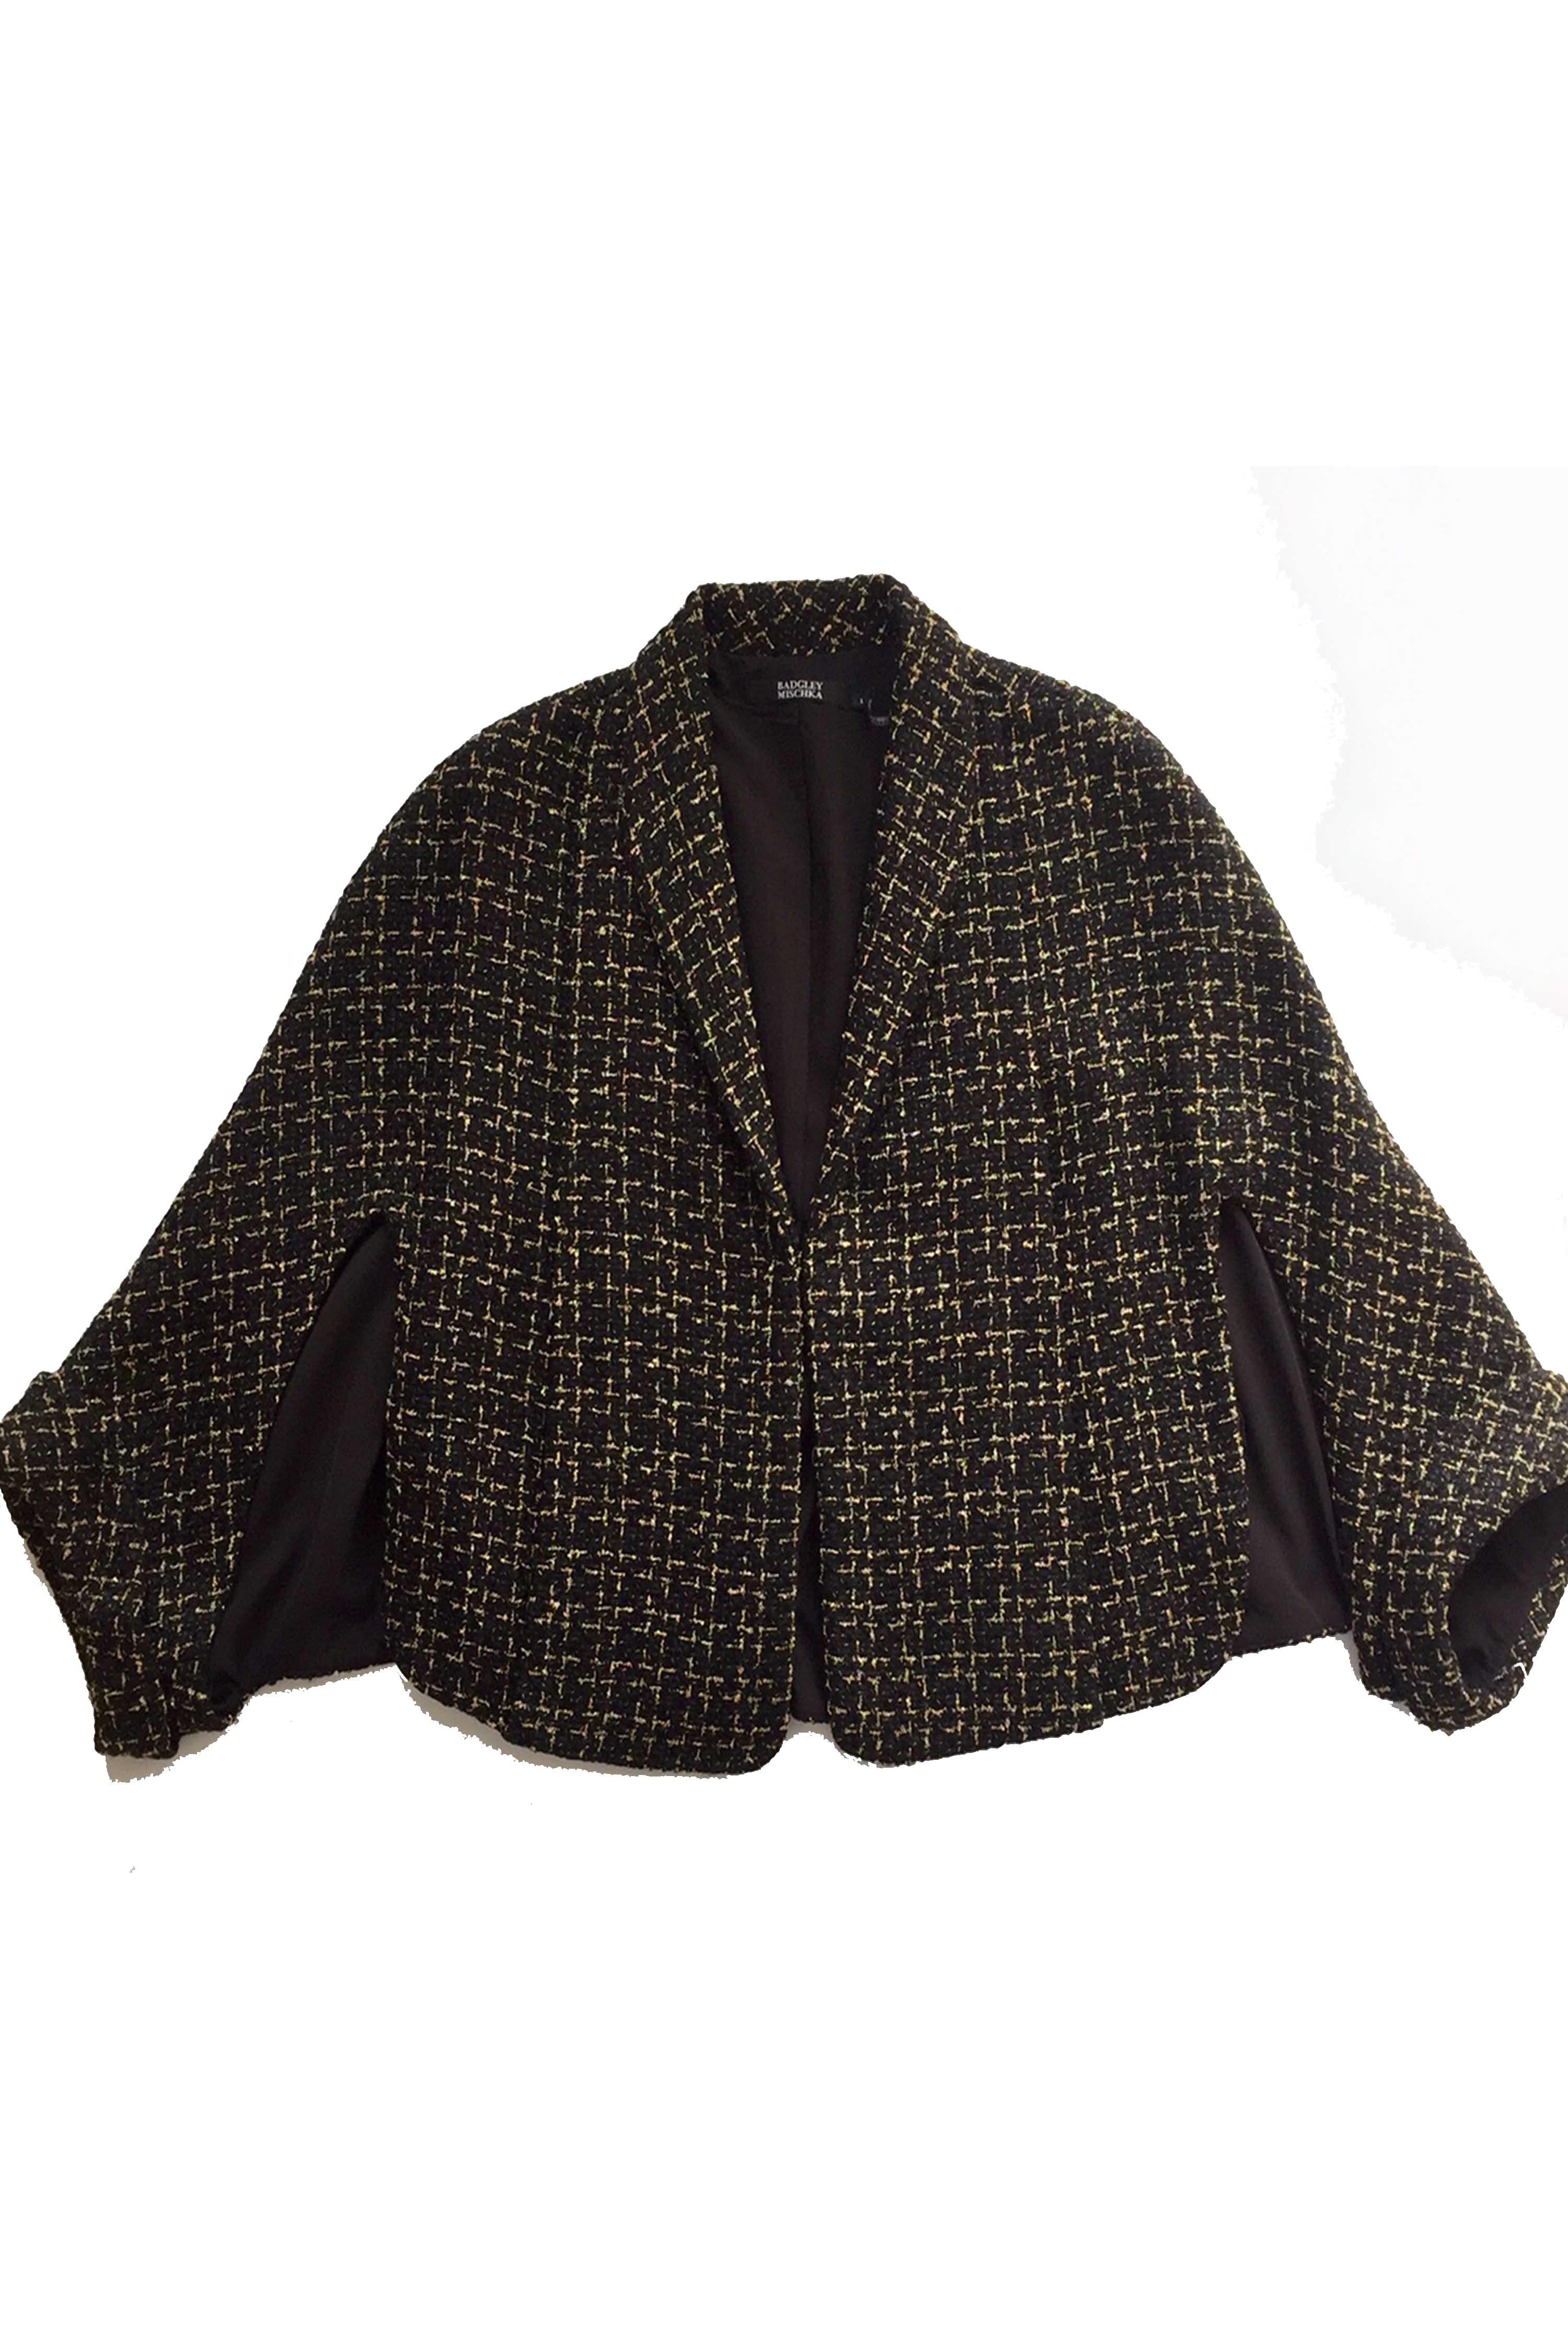 バッジレー・ミシュカ(サクッと羽織り洗練が宿る金糸ツィードケープジャケット)【黒/ゴールド】